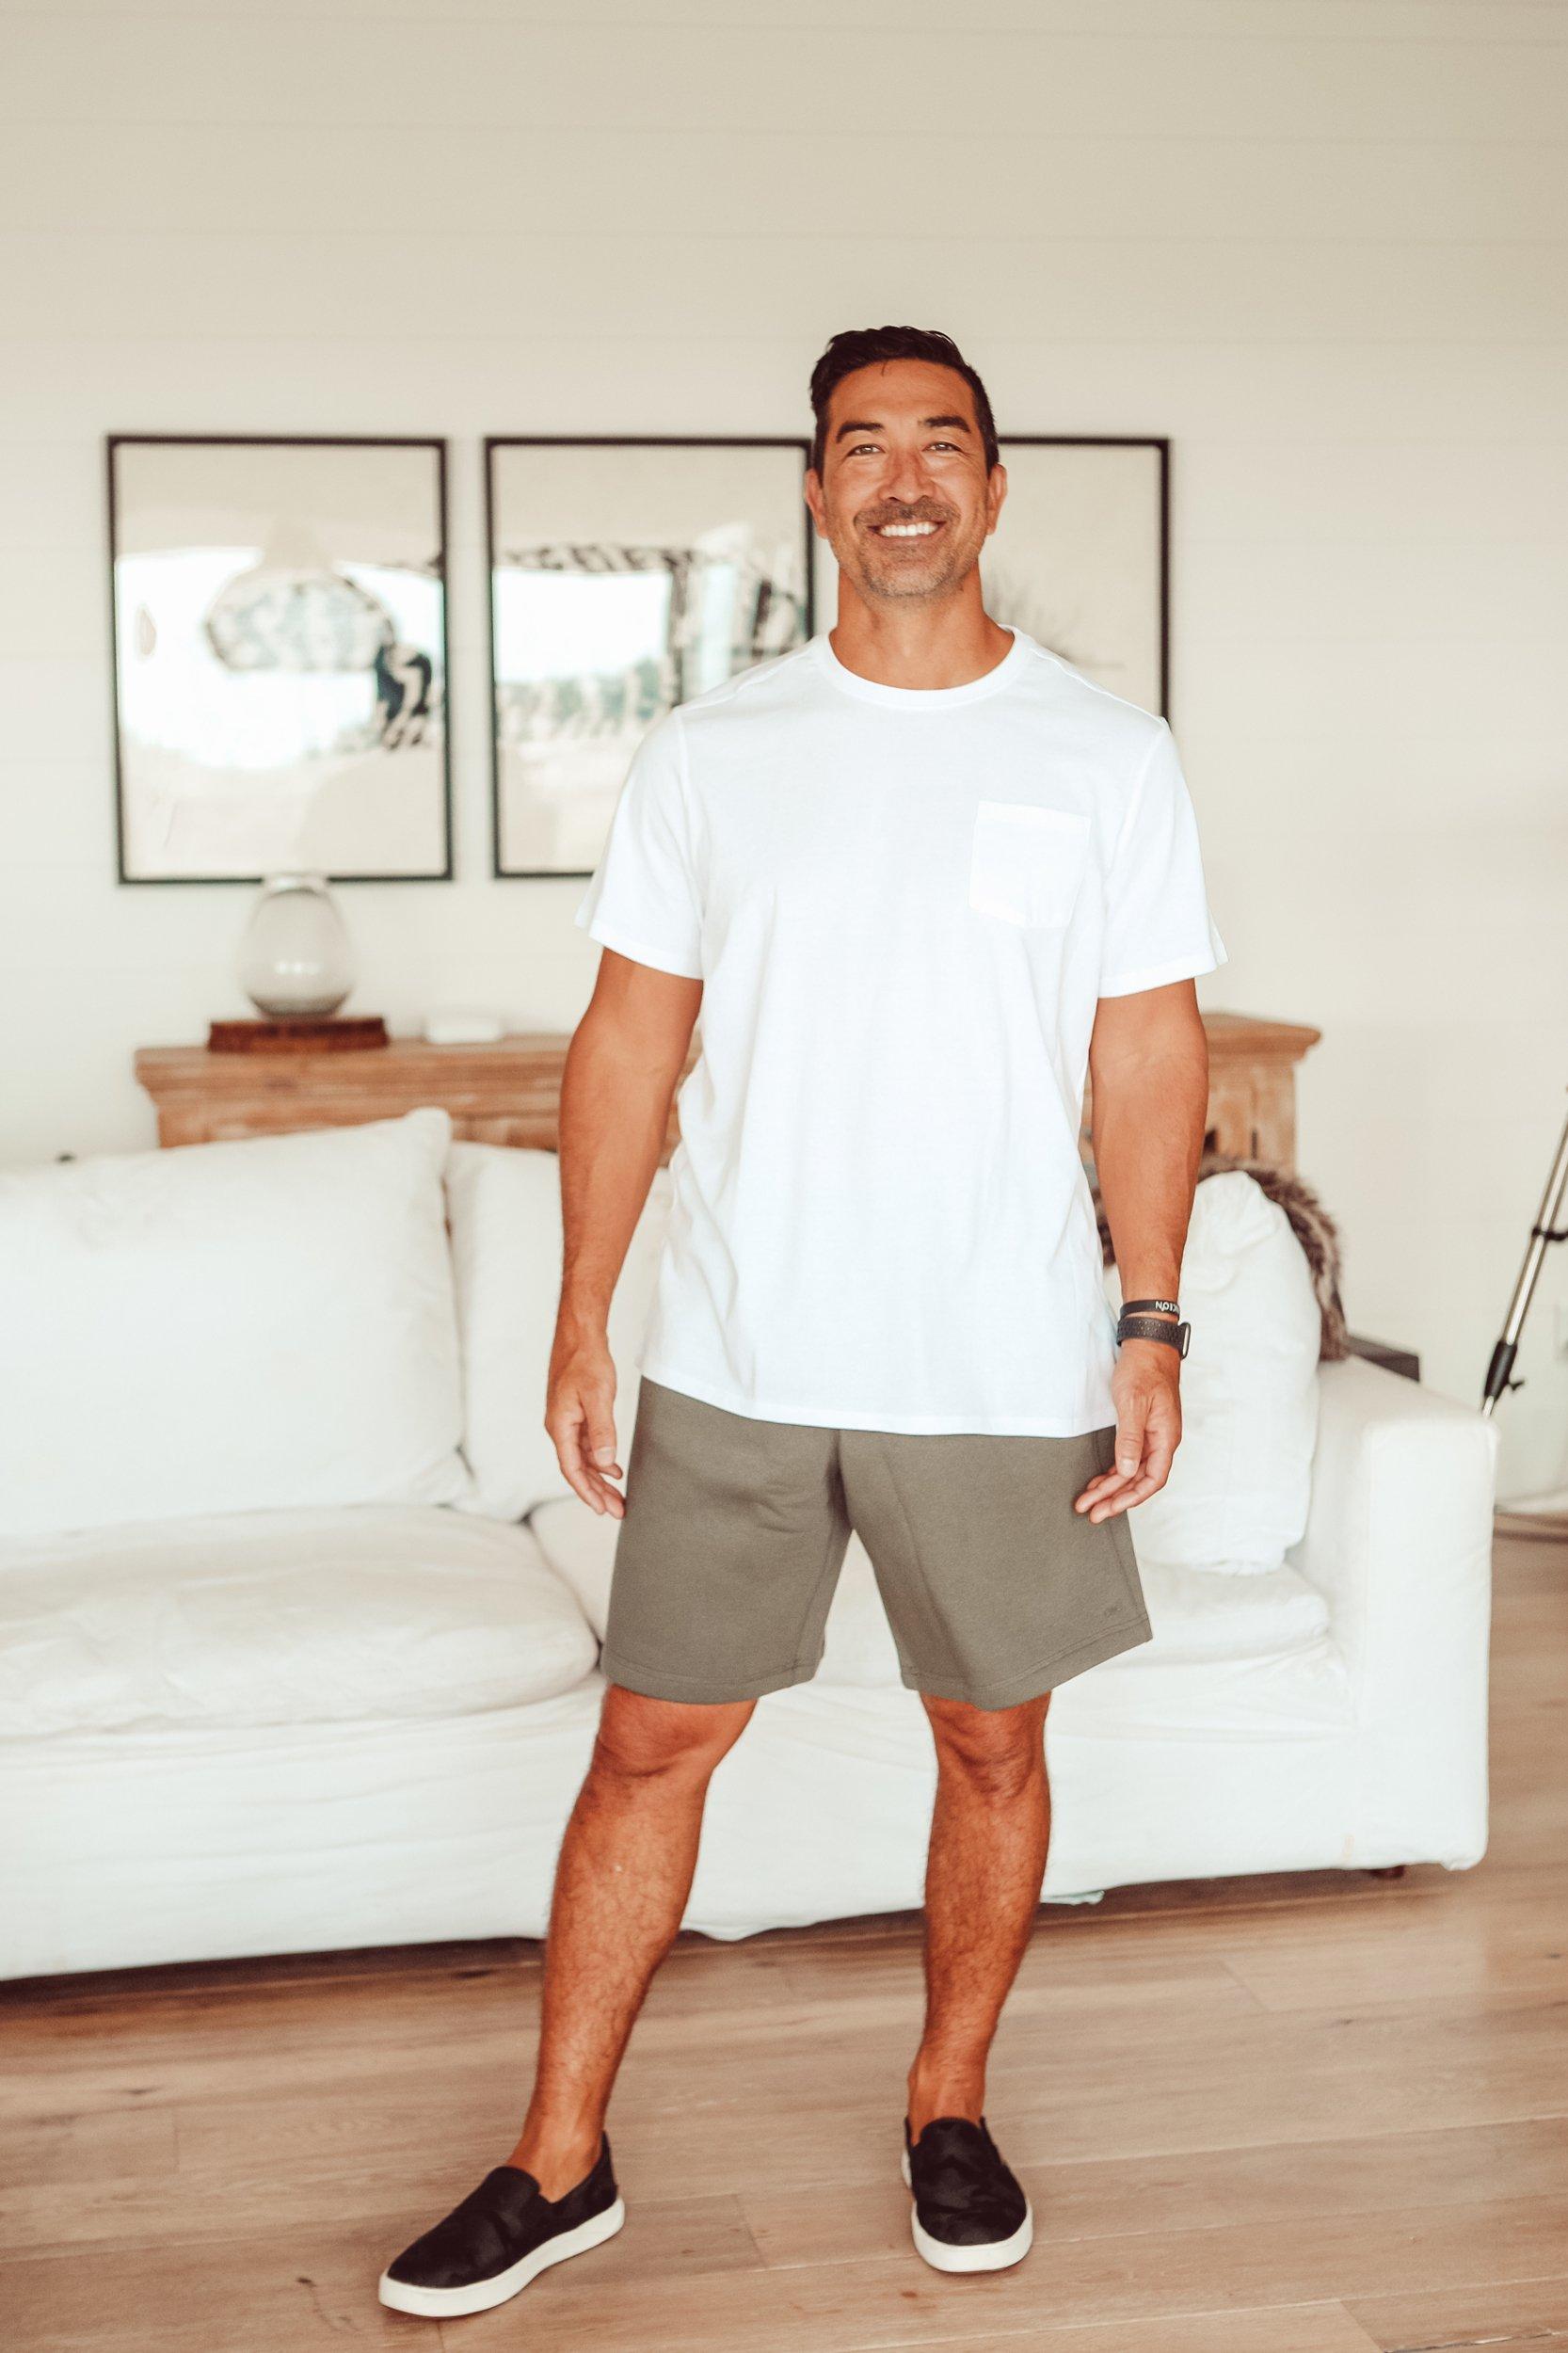 stylish dad